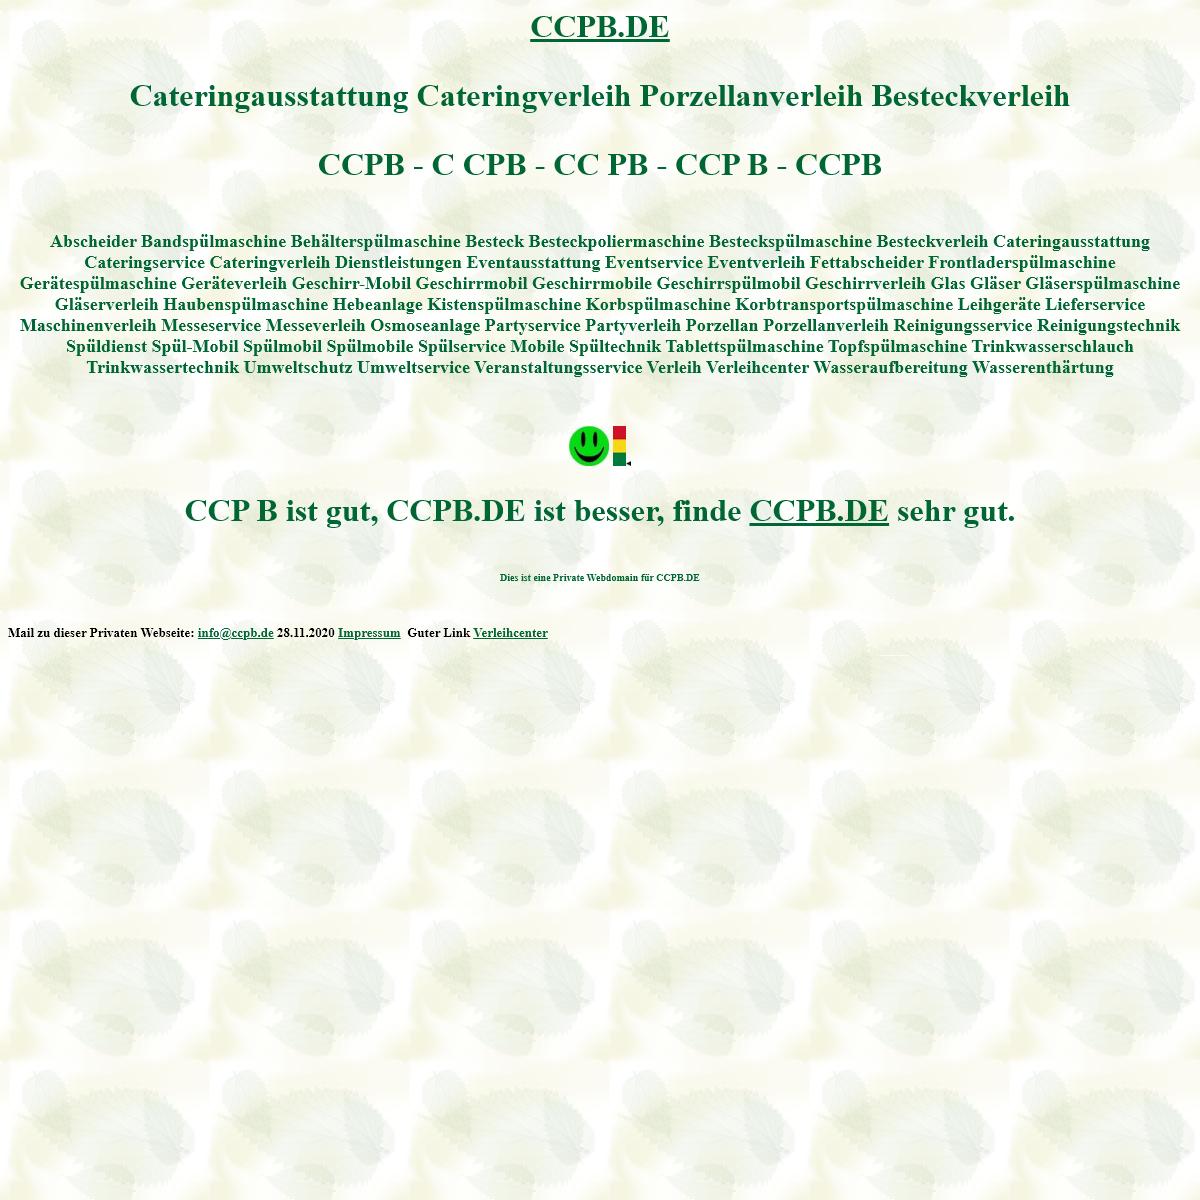 ccpb Cateringausstattung Cateringverleih Porzellanverleih Besteckverleih Spülmobil Verleih Geschirrmobil Mieten